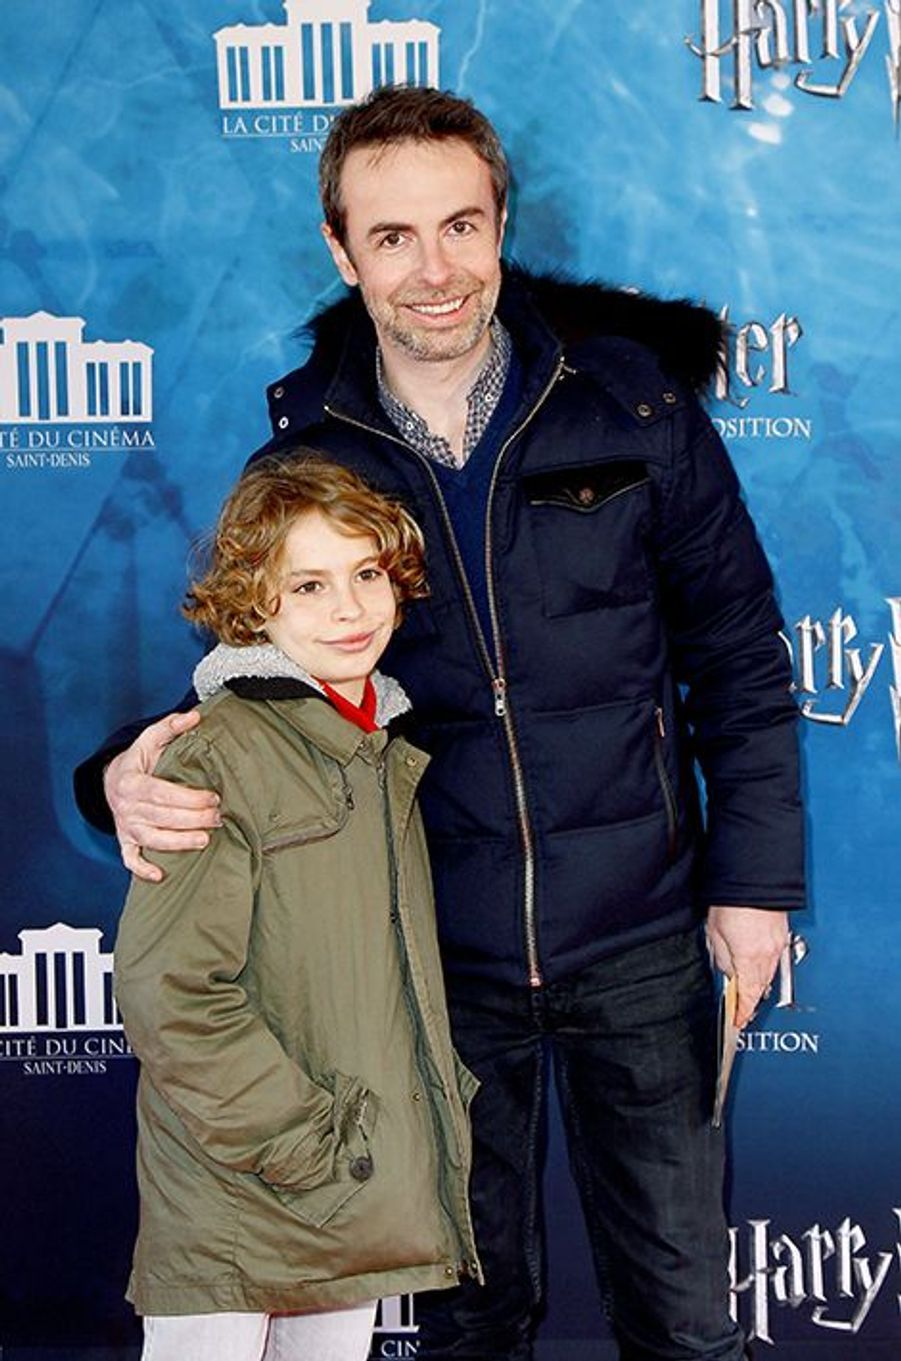 Matthieu Gonet et son fils à Saint-Denis le 2 avril 2015